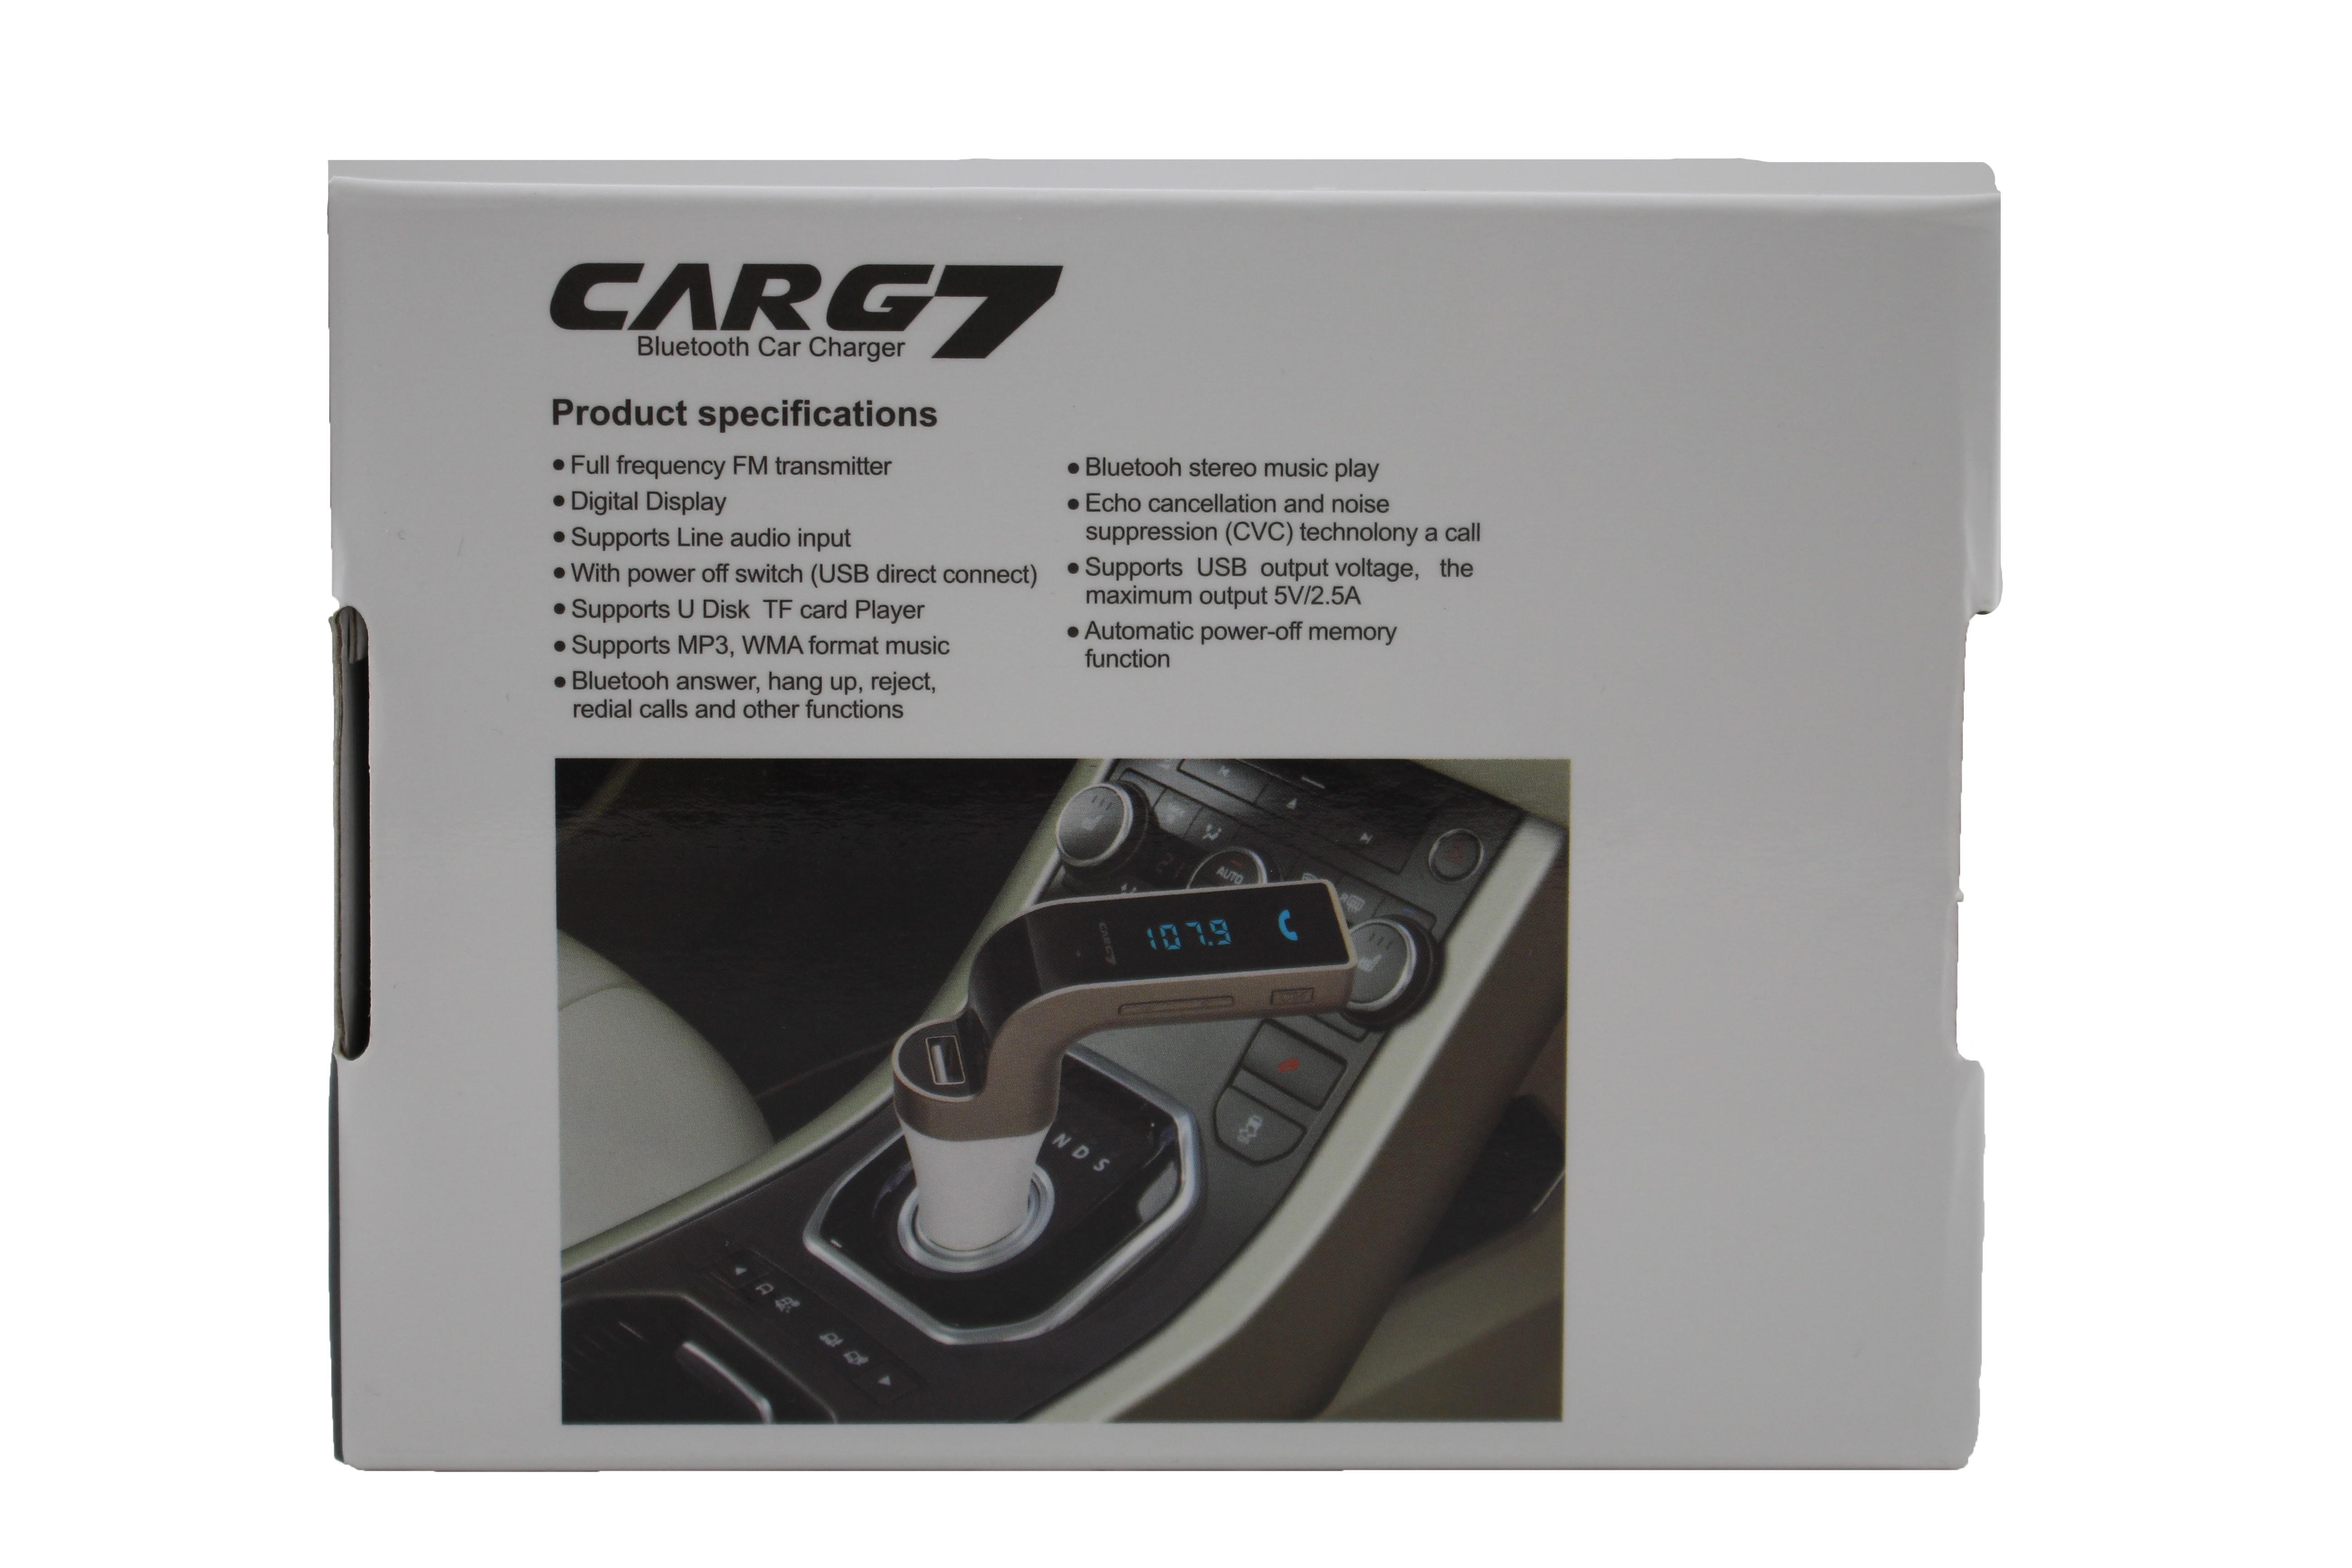 Фм трансмитер за кола 4 в 1 G7 + AUX ( FM, MP3 player, USB hands free) HF3 17